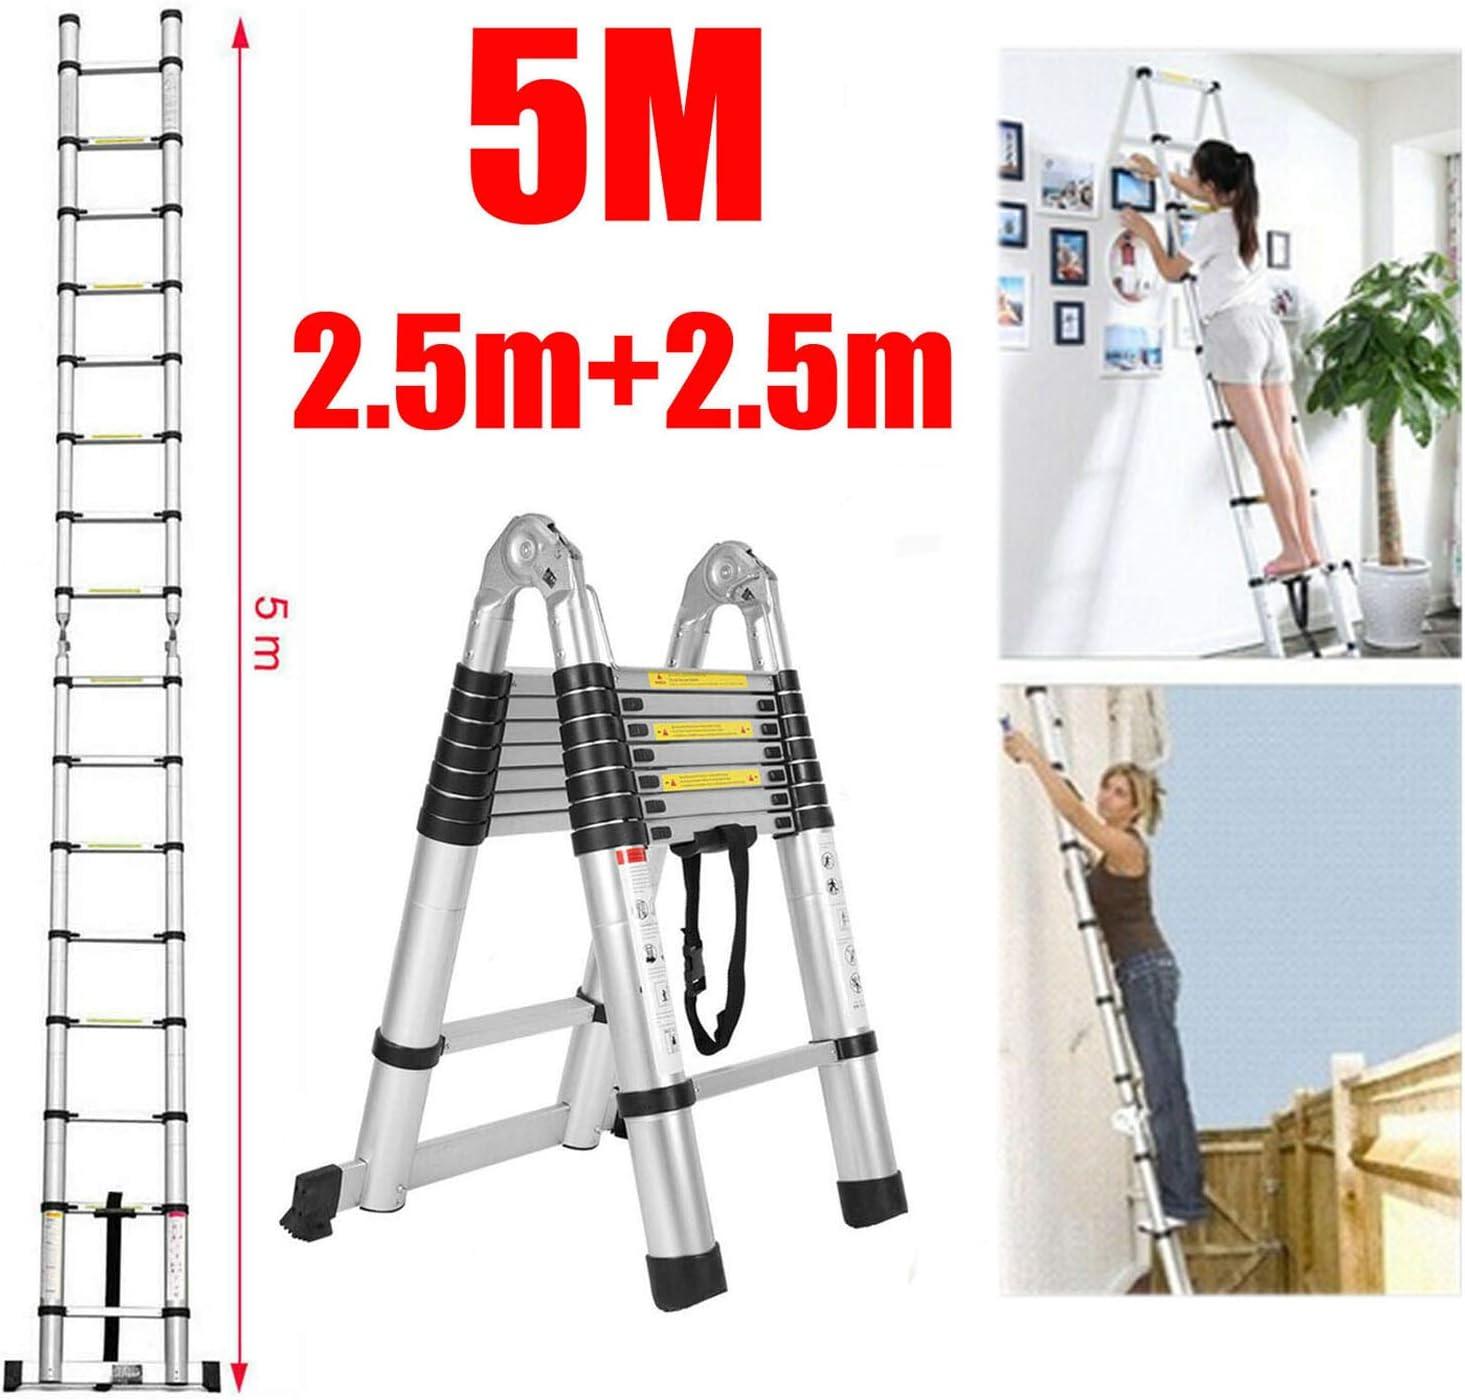 Escalera telescópica de 5 m, de aluminio resistente, multiusos, portátil, tipo A y recta, con bloqueo de seguridad antideslizante, plegable, retráctil, escalera telescópica, 150 kg de carga máxima: Amazon.es: Bricolaje y herramientas